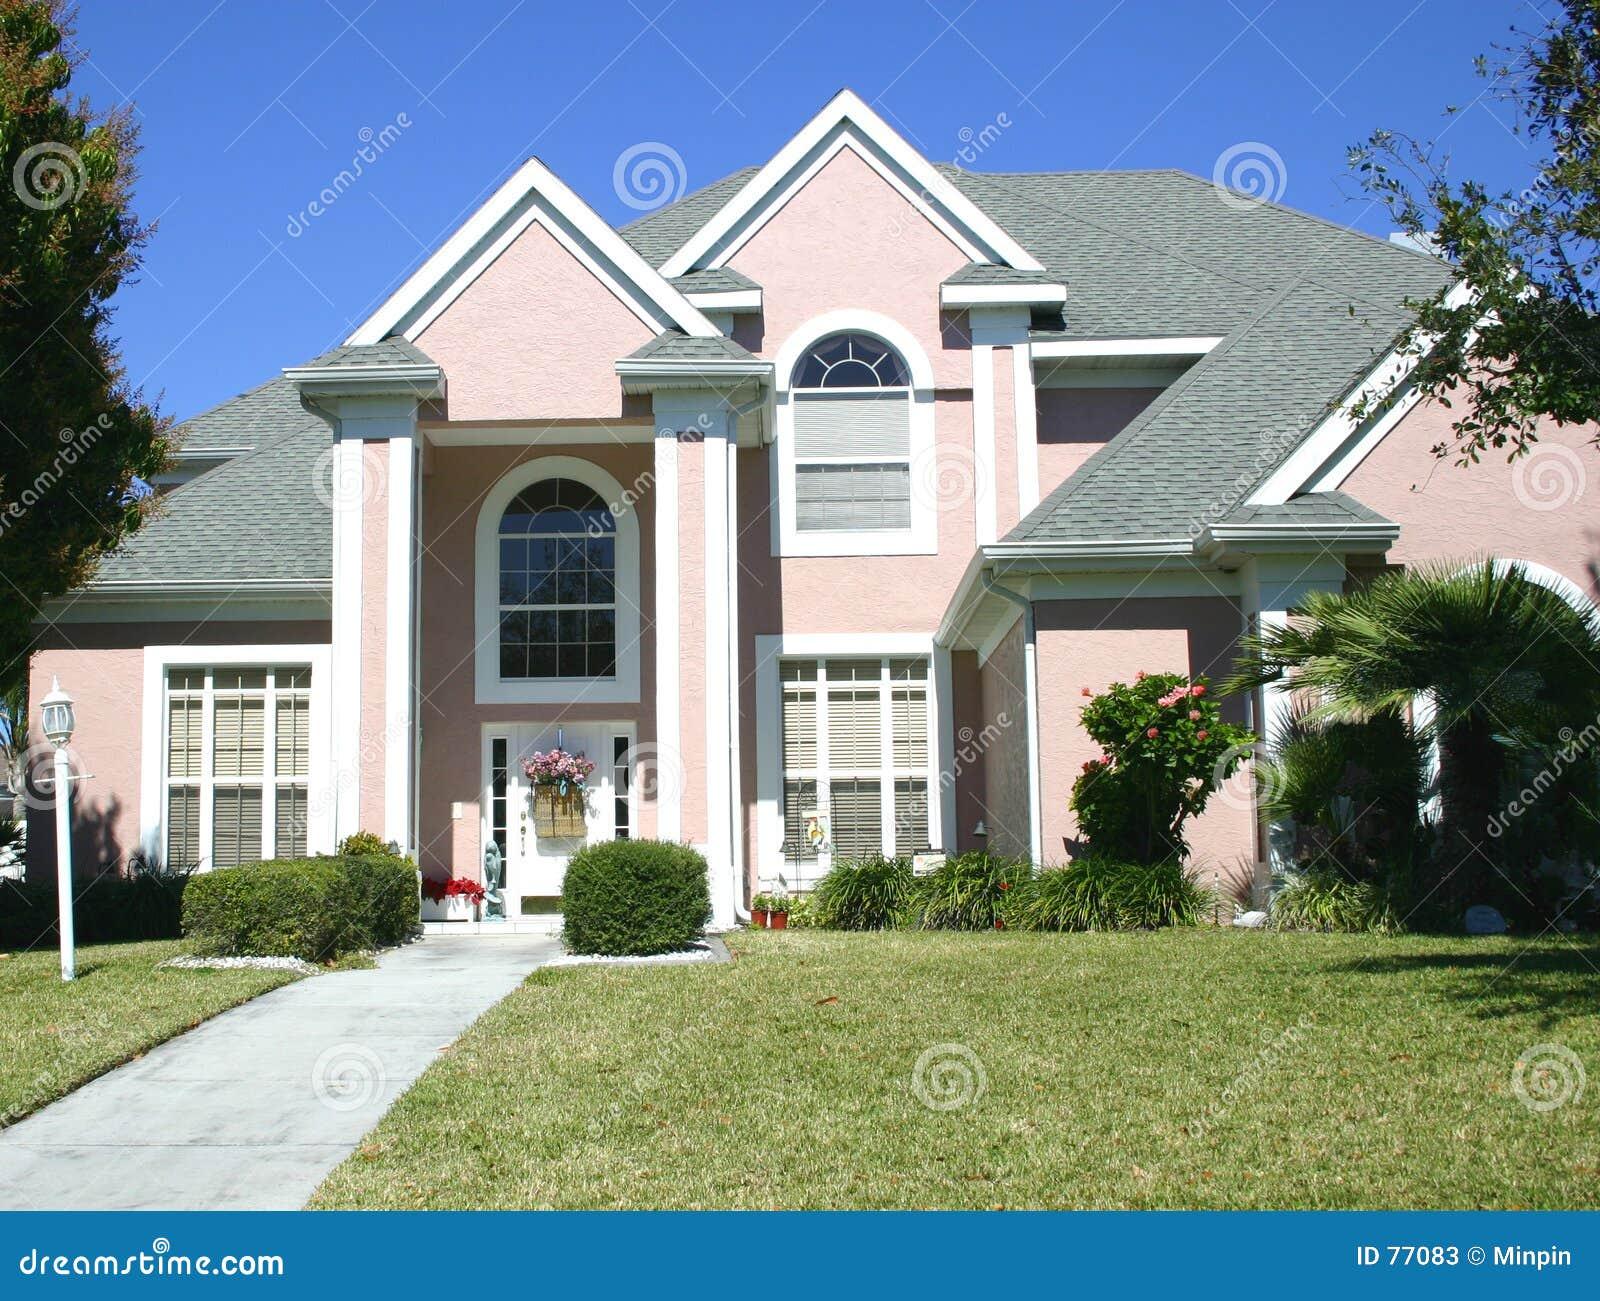 Roze met puntgevel huis